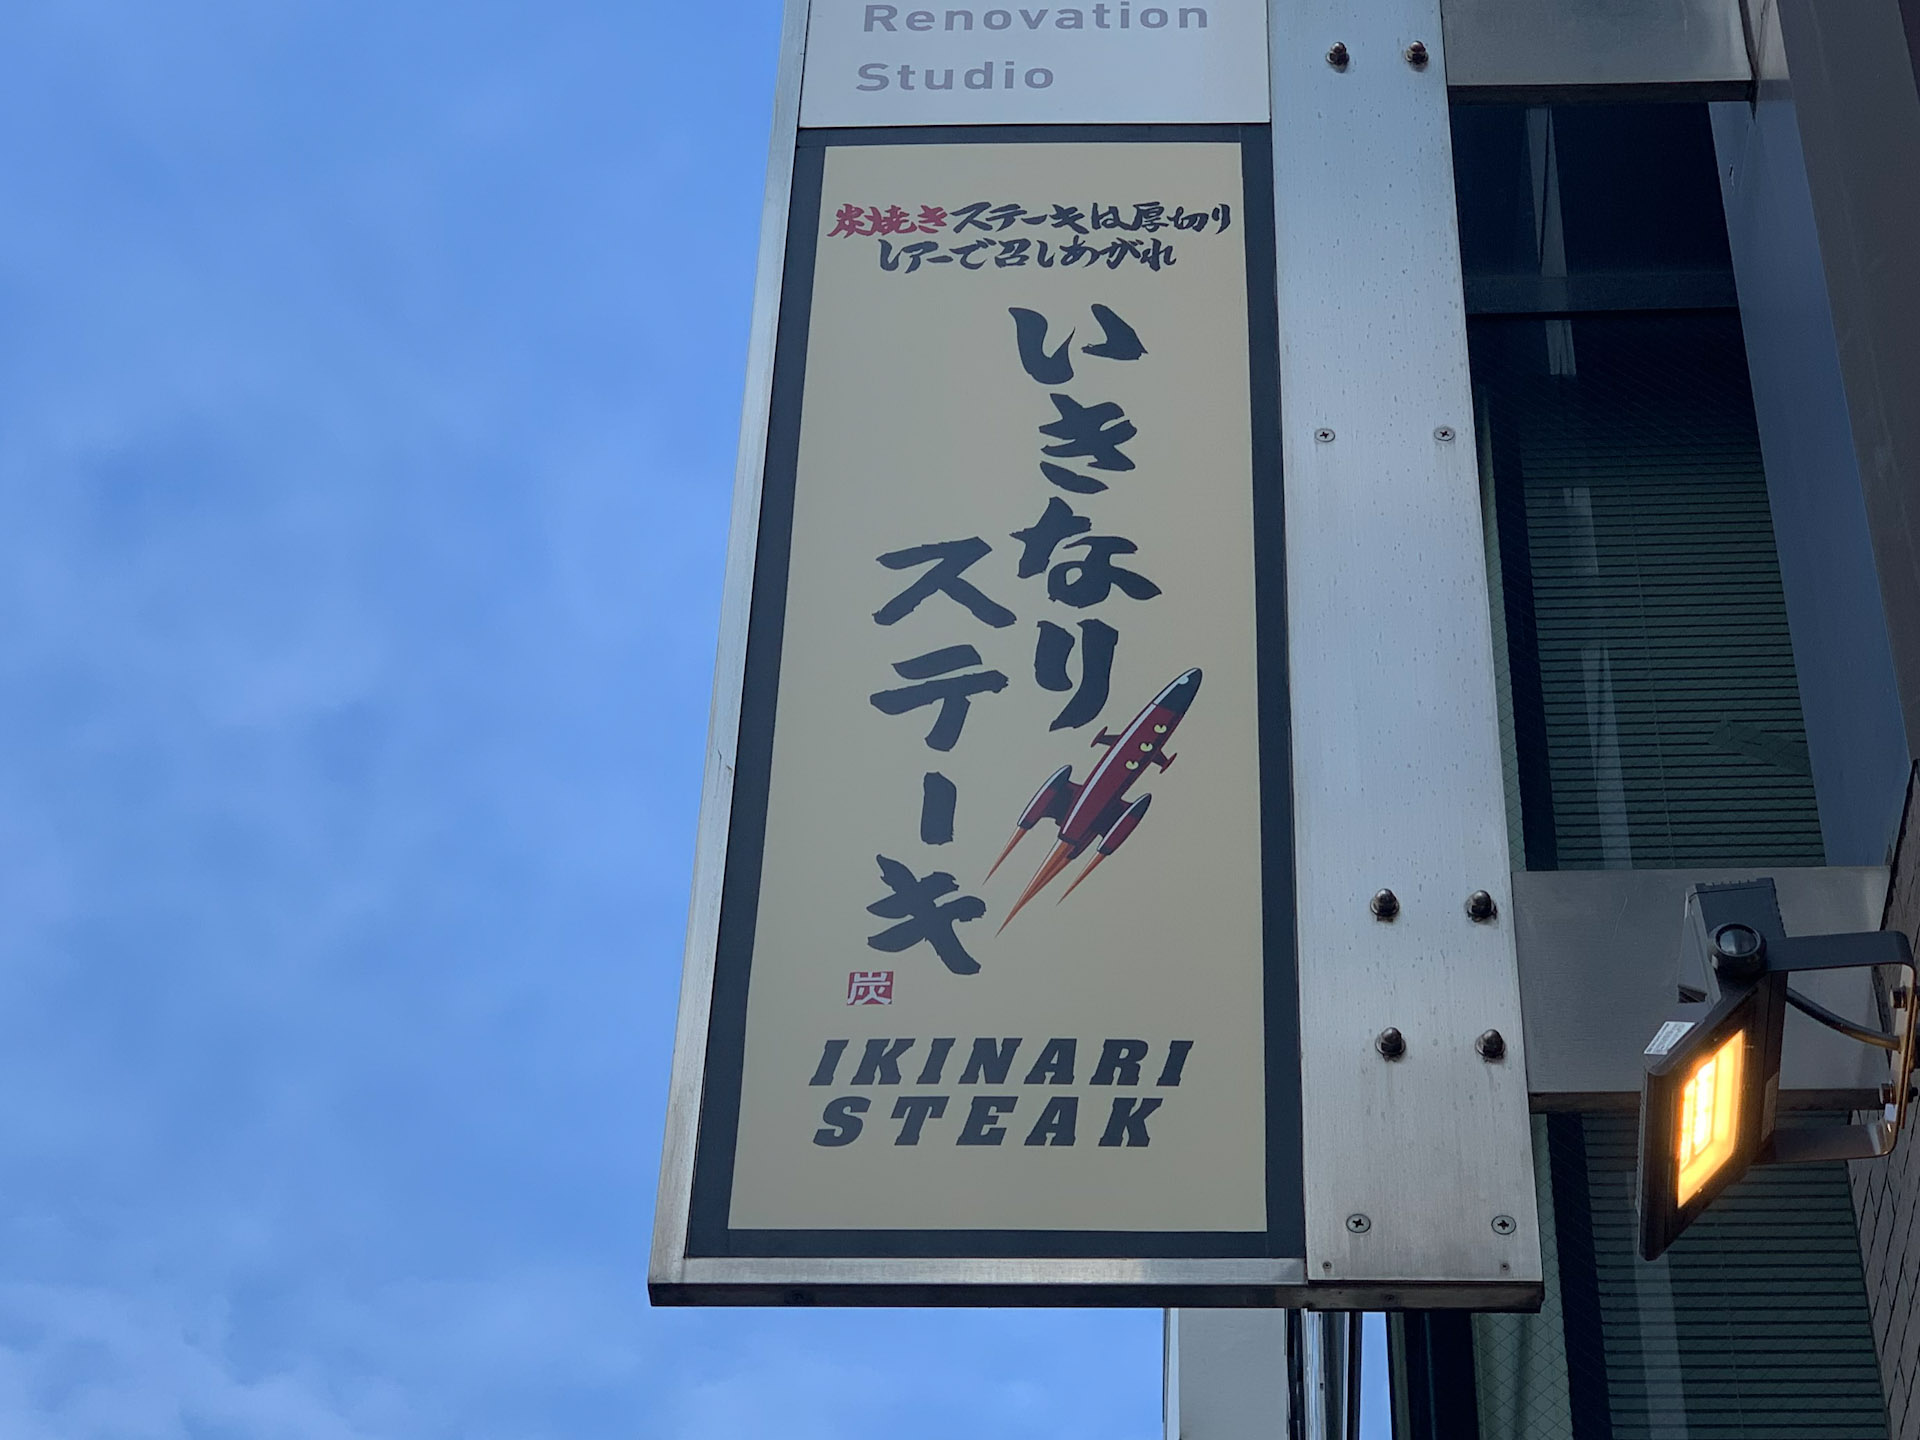 いきなりステーキのメニュー人気ランキング!初心者におすすめの商品は?